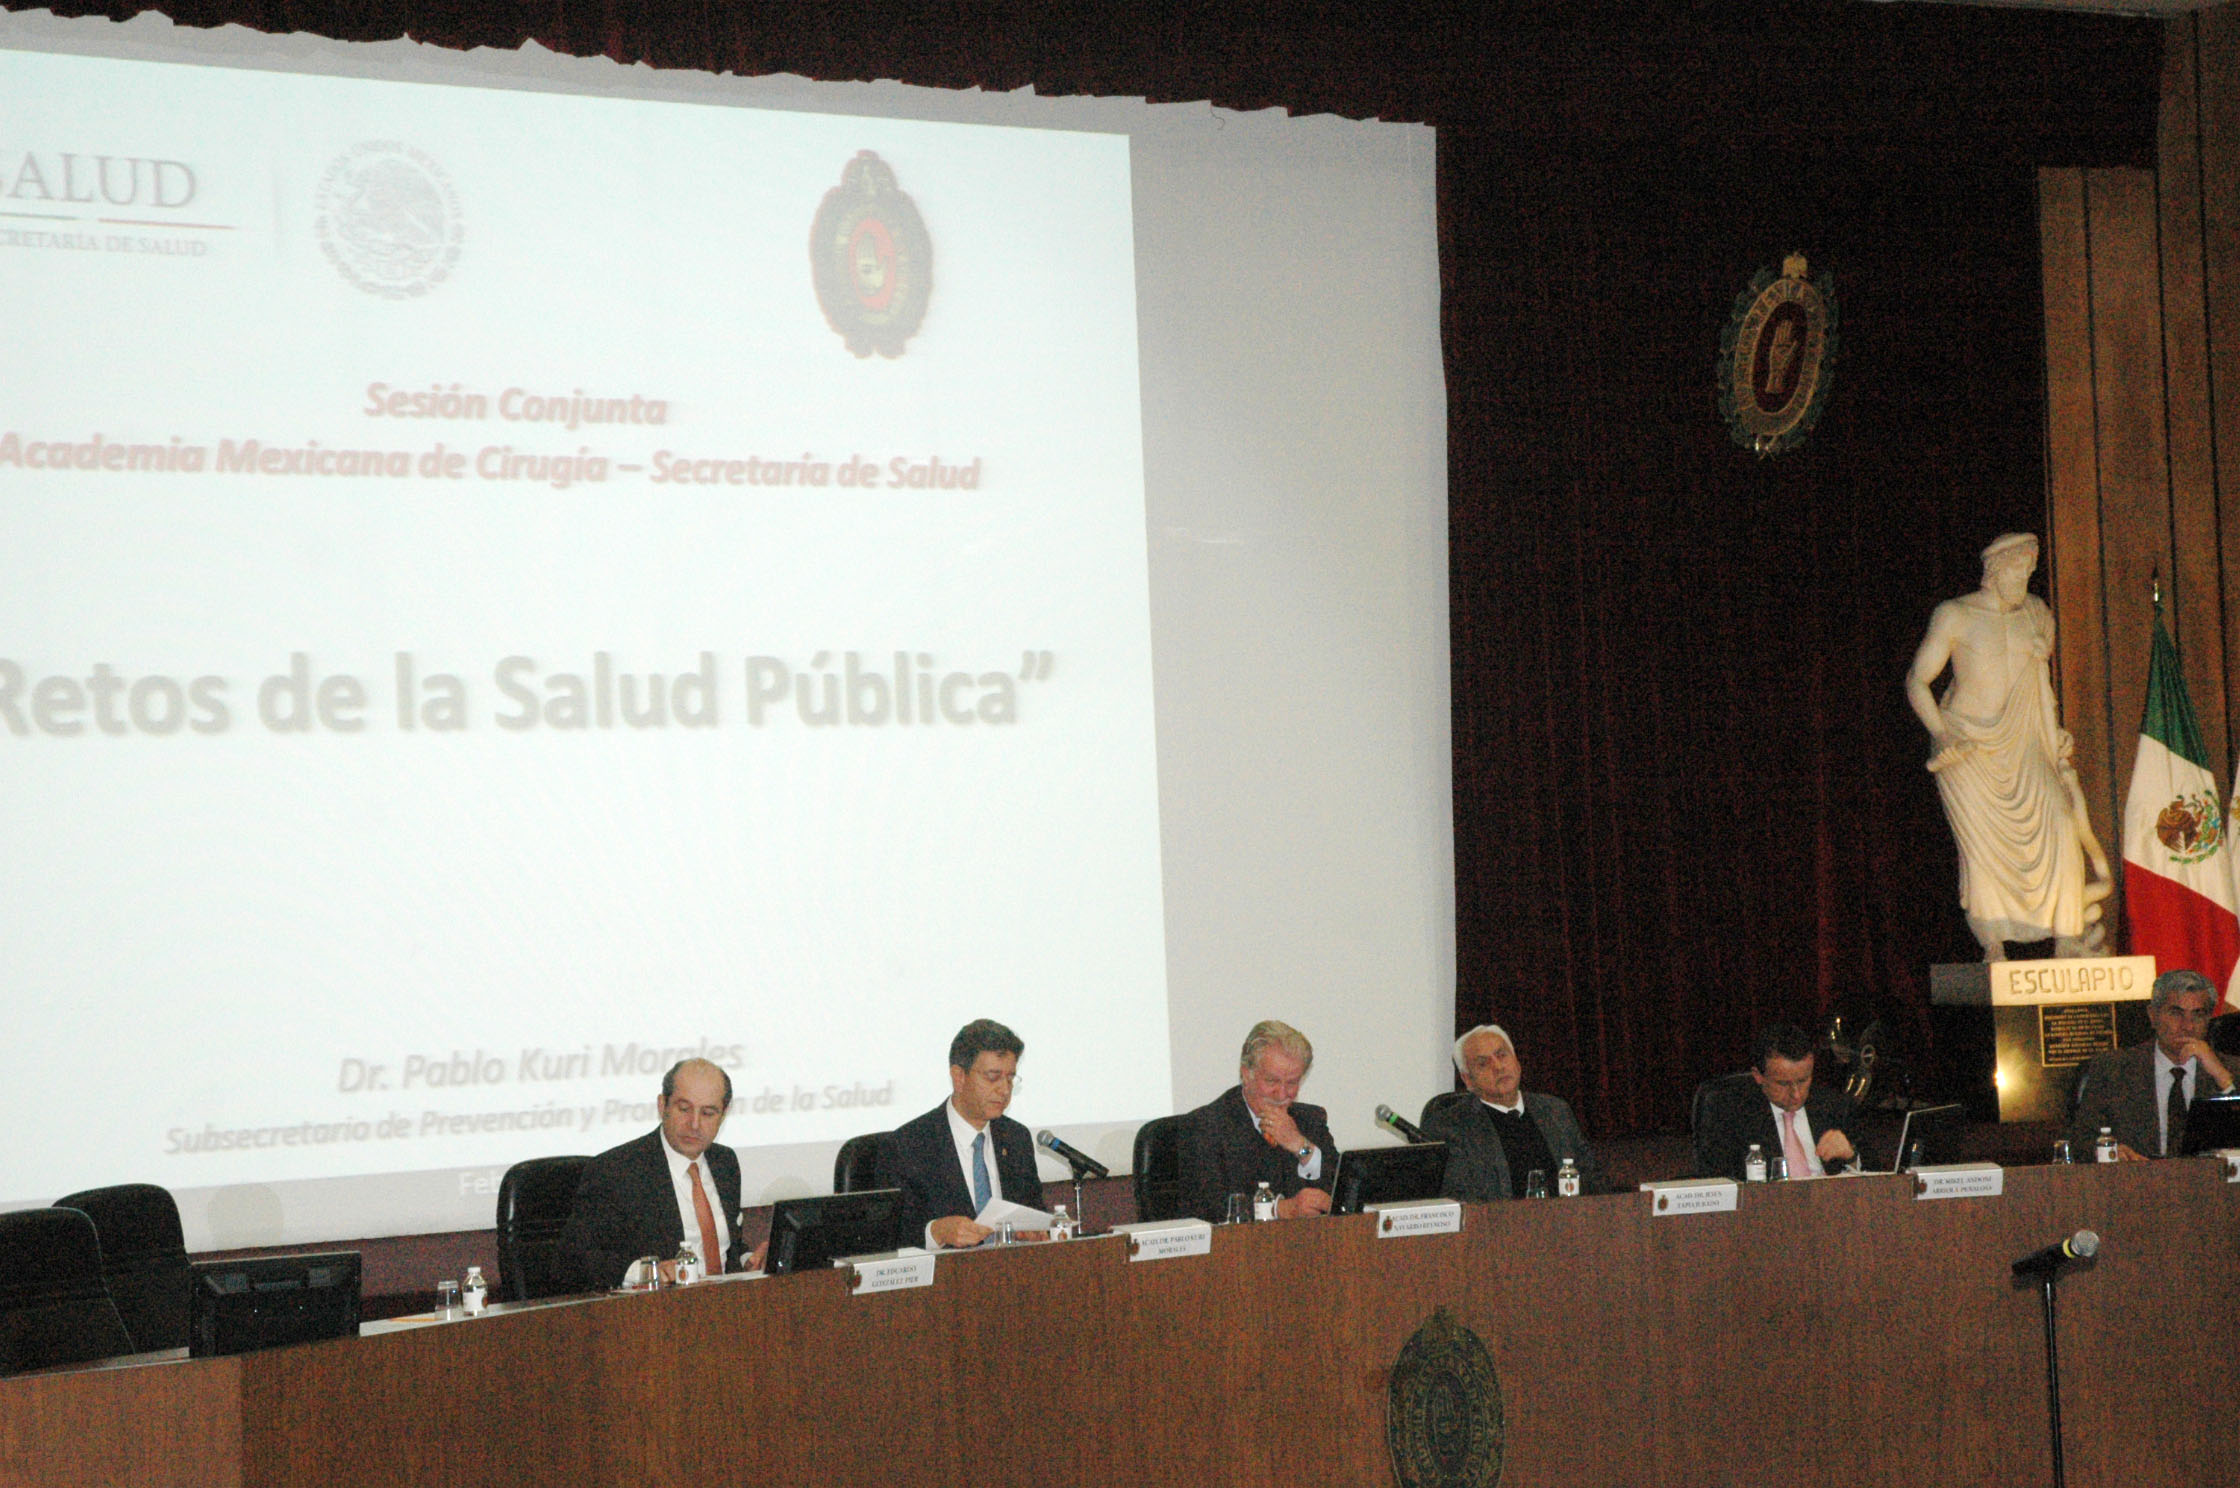 Sesión conjunta entre la Secretaría de Salud y la Academia Mexicana de Cirugía